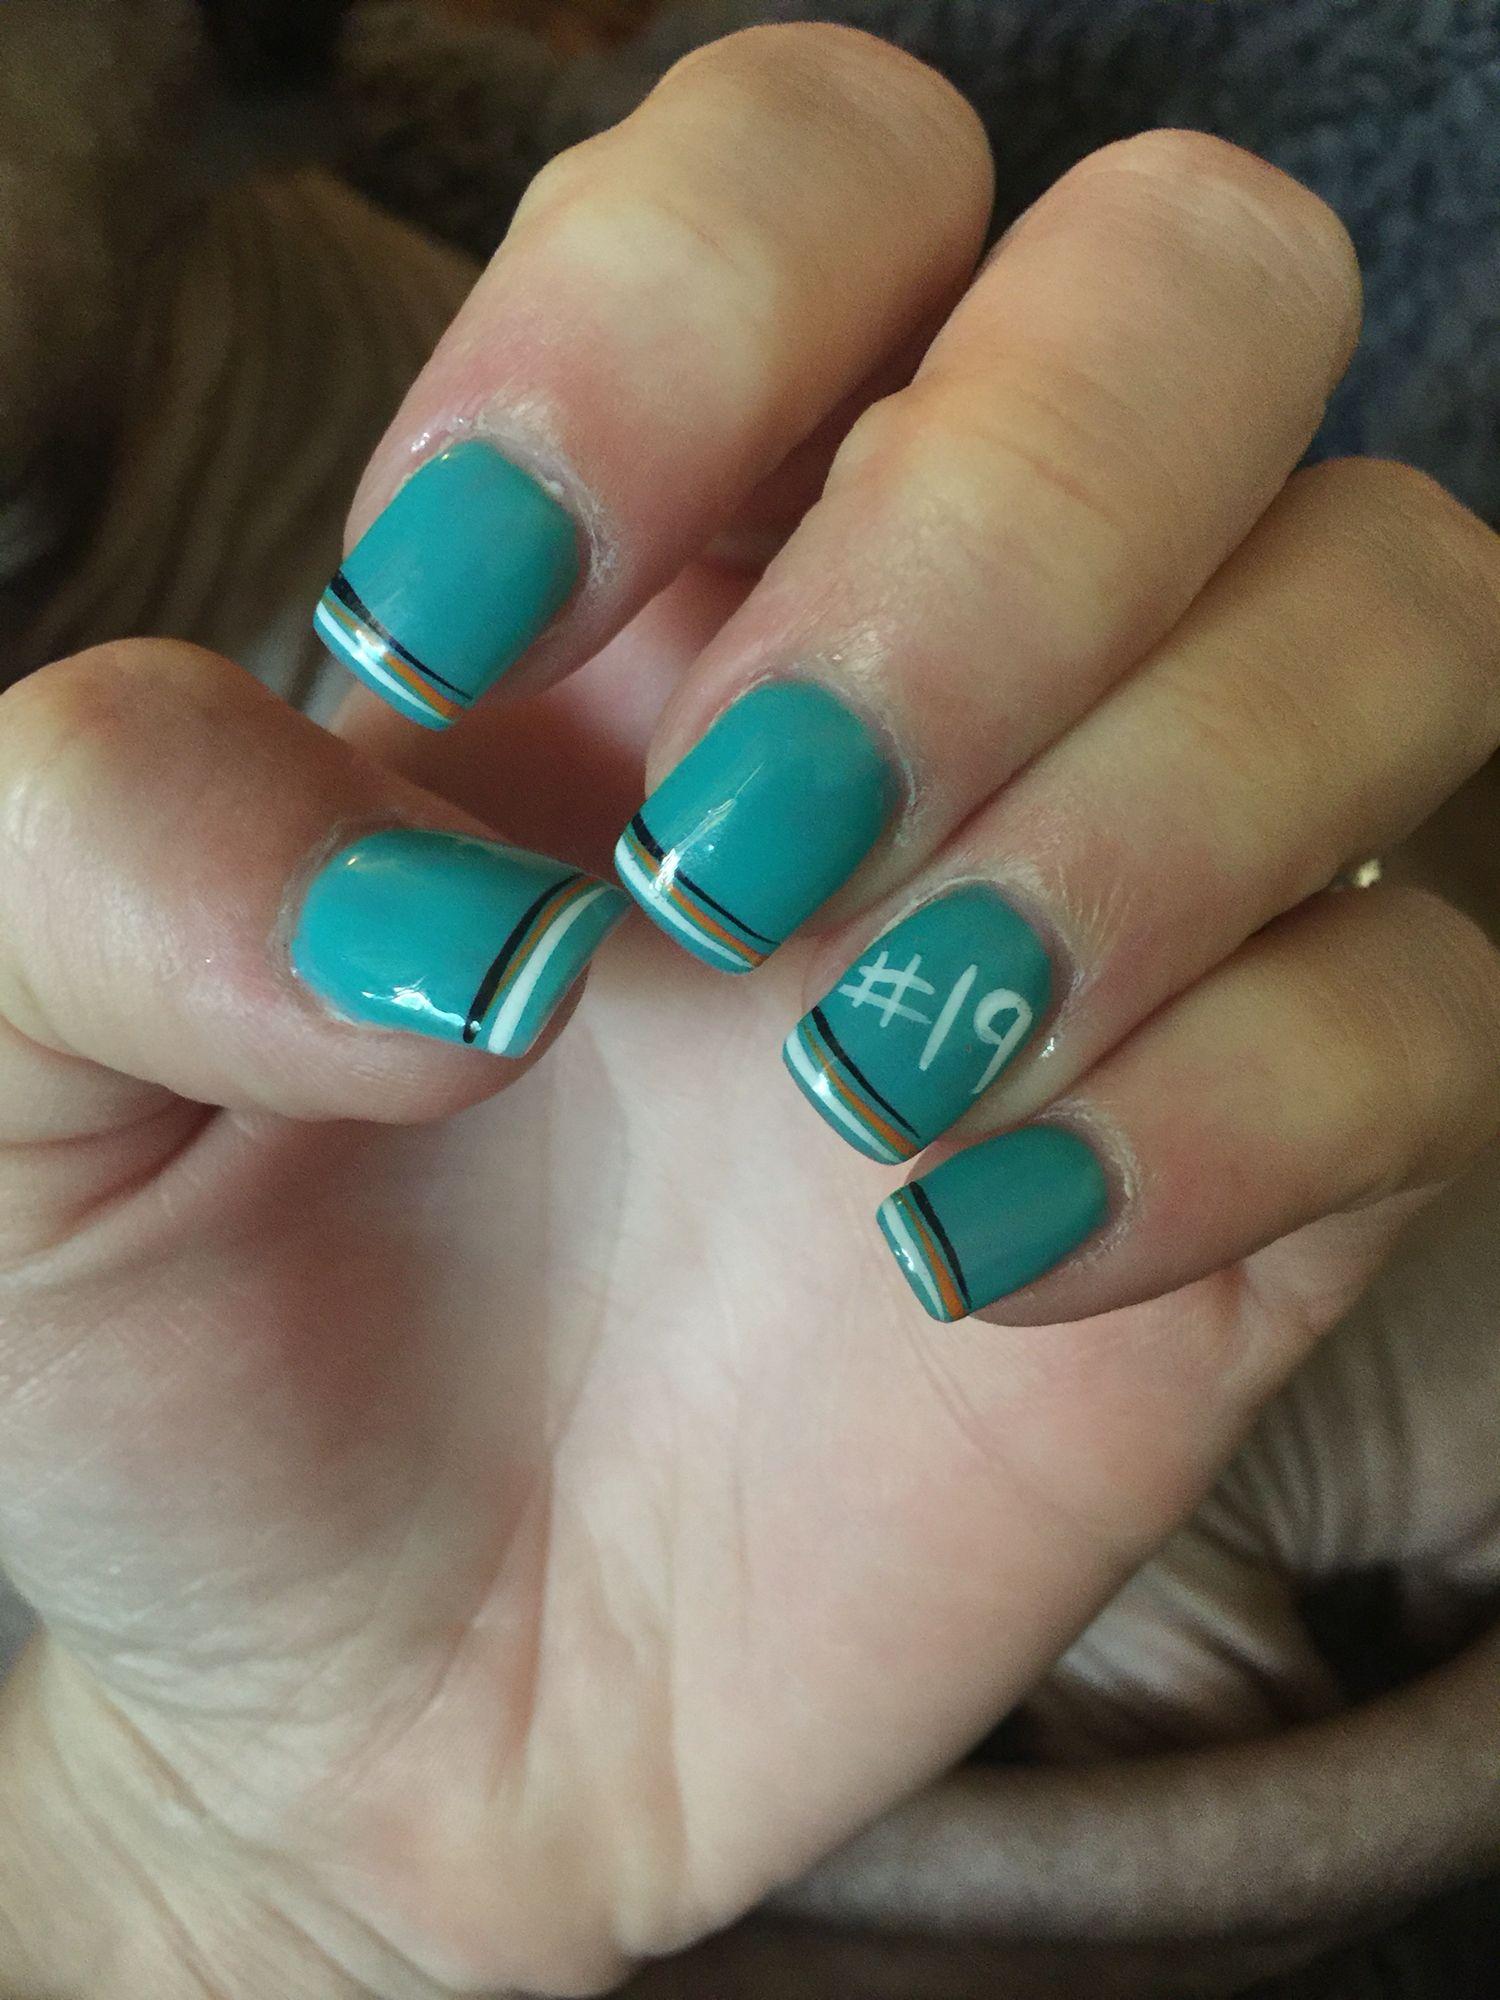 San Jose Sharks Nails 49ers Nails Nails Nail Manicure